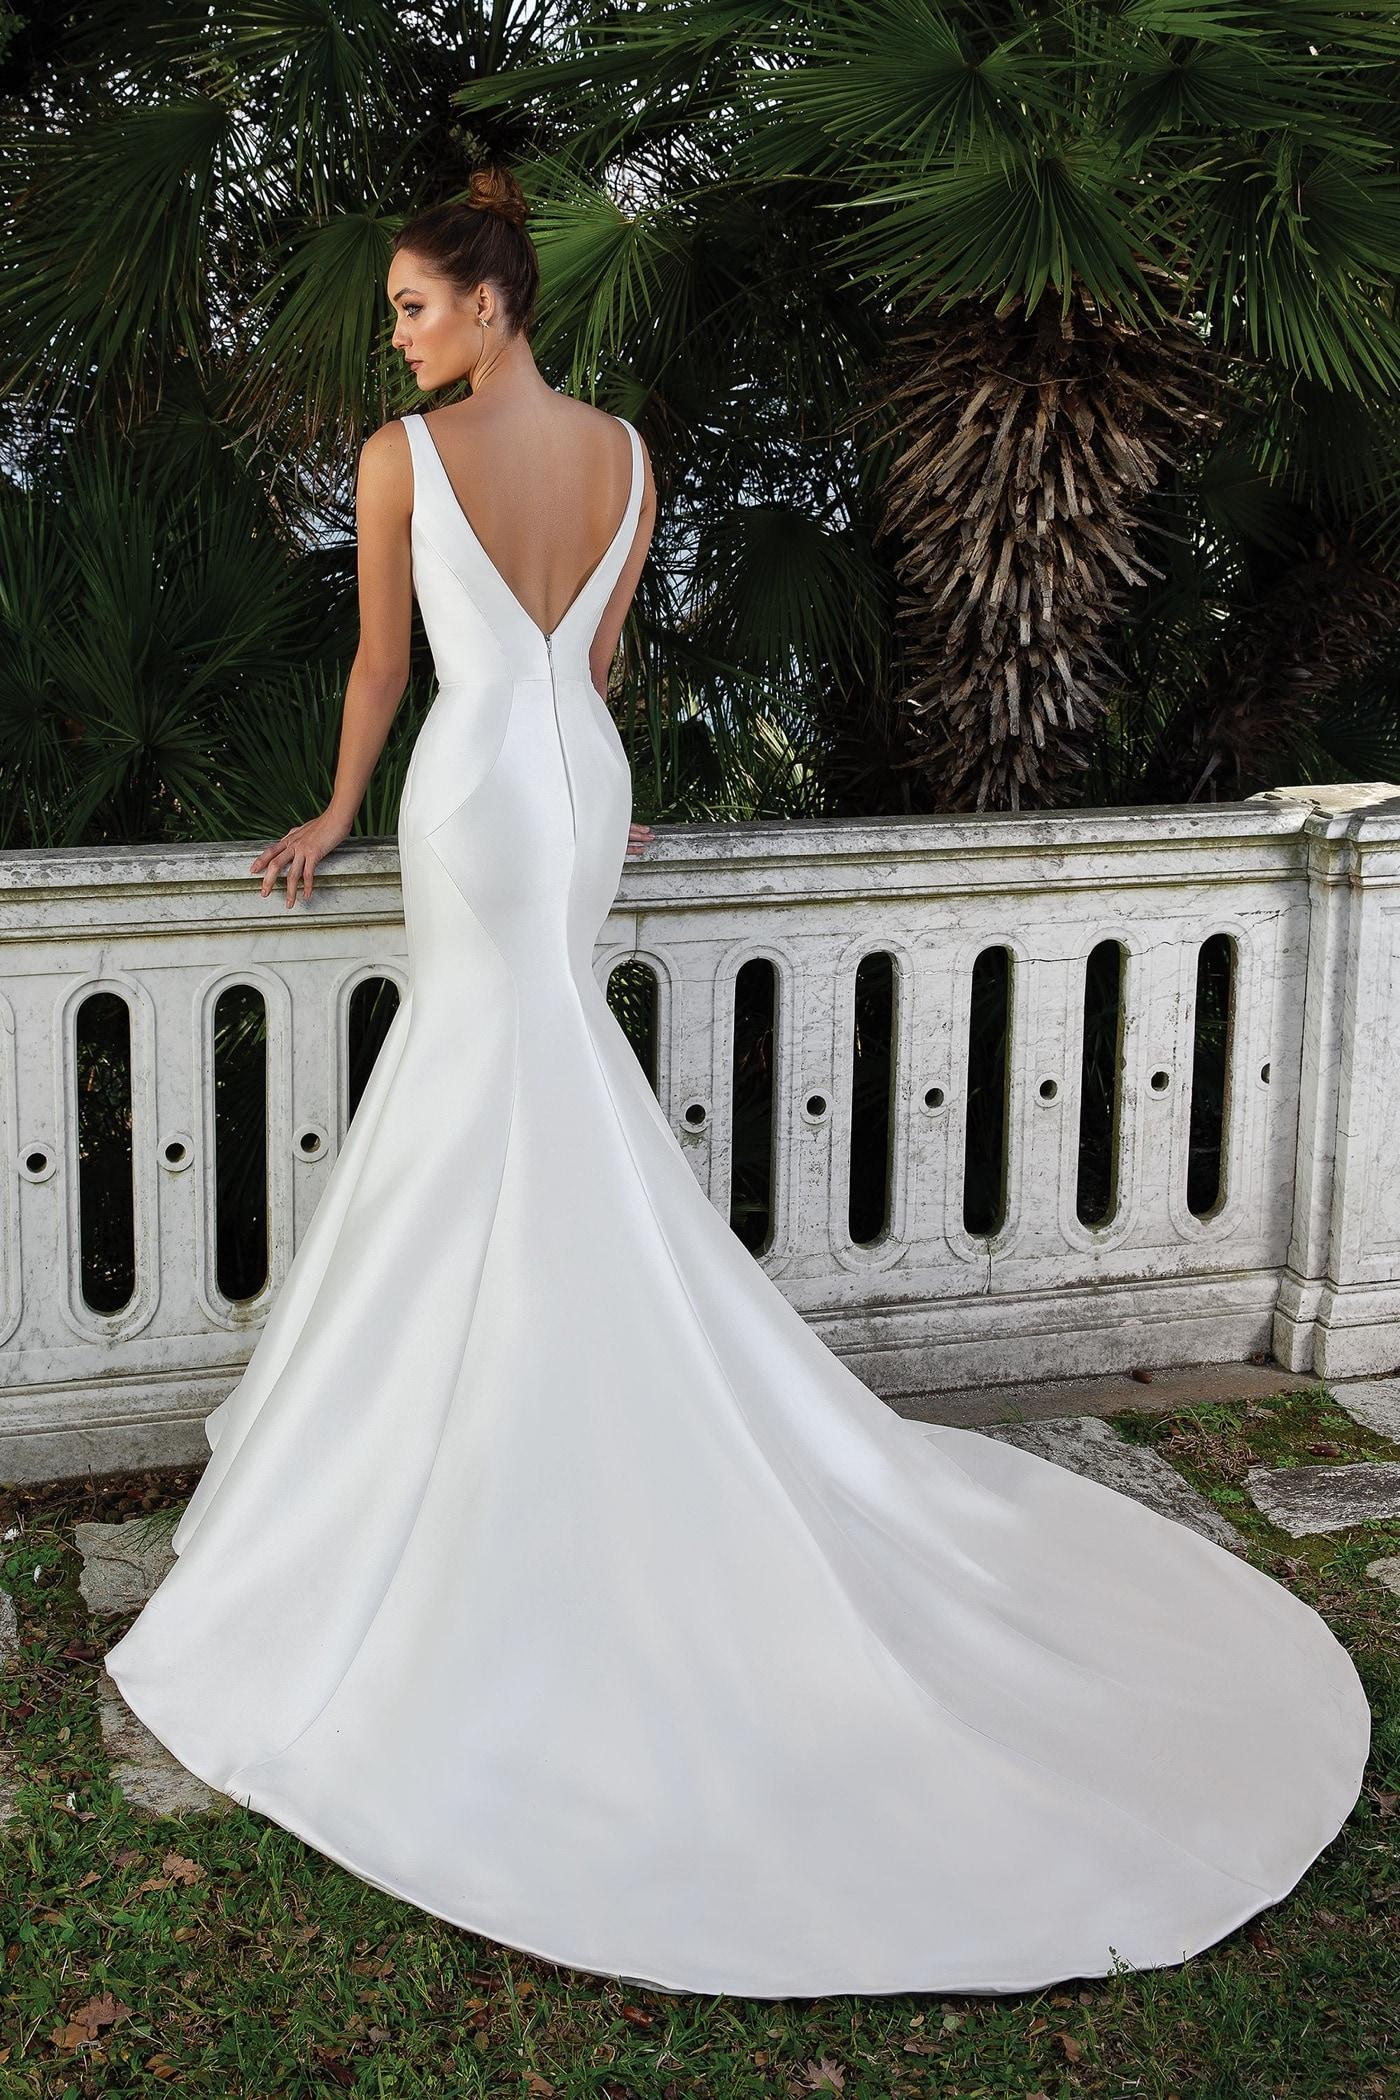 Fit-and-Flare-Brautkleid mit V-Ausschnitt, tiefem Rückendekolleté, Schleppe und abnehmbarem Strassgürtel von Justin Alexander, Modell 88107